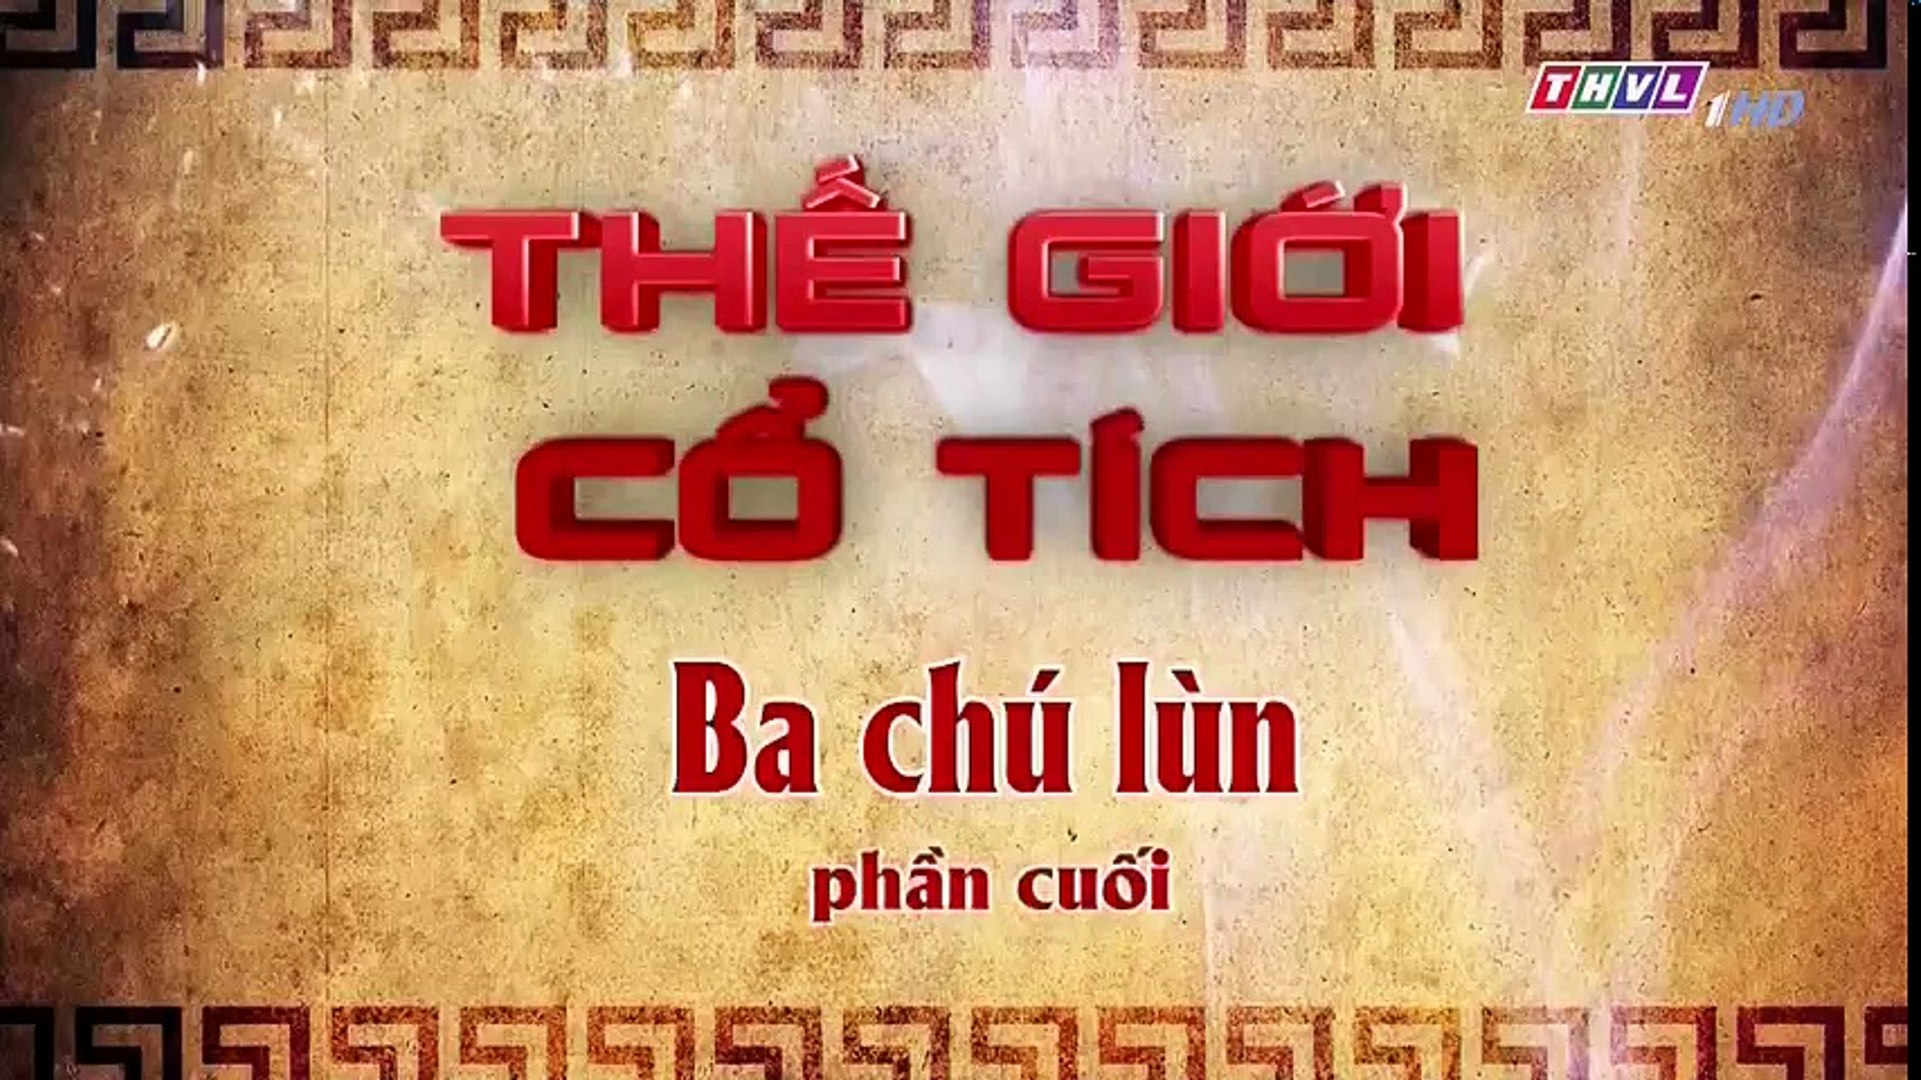 Ba Chú Lùn Phần 2 - Phần Cuối - Thế Giới Cổ Tích - THVL1 Ngày 4/11/2018 - Ba Chu Lun Phan 2 - Ba Chu